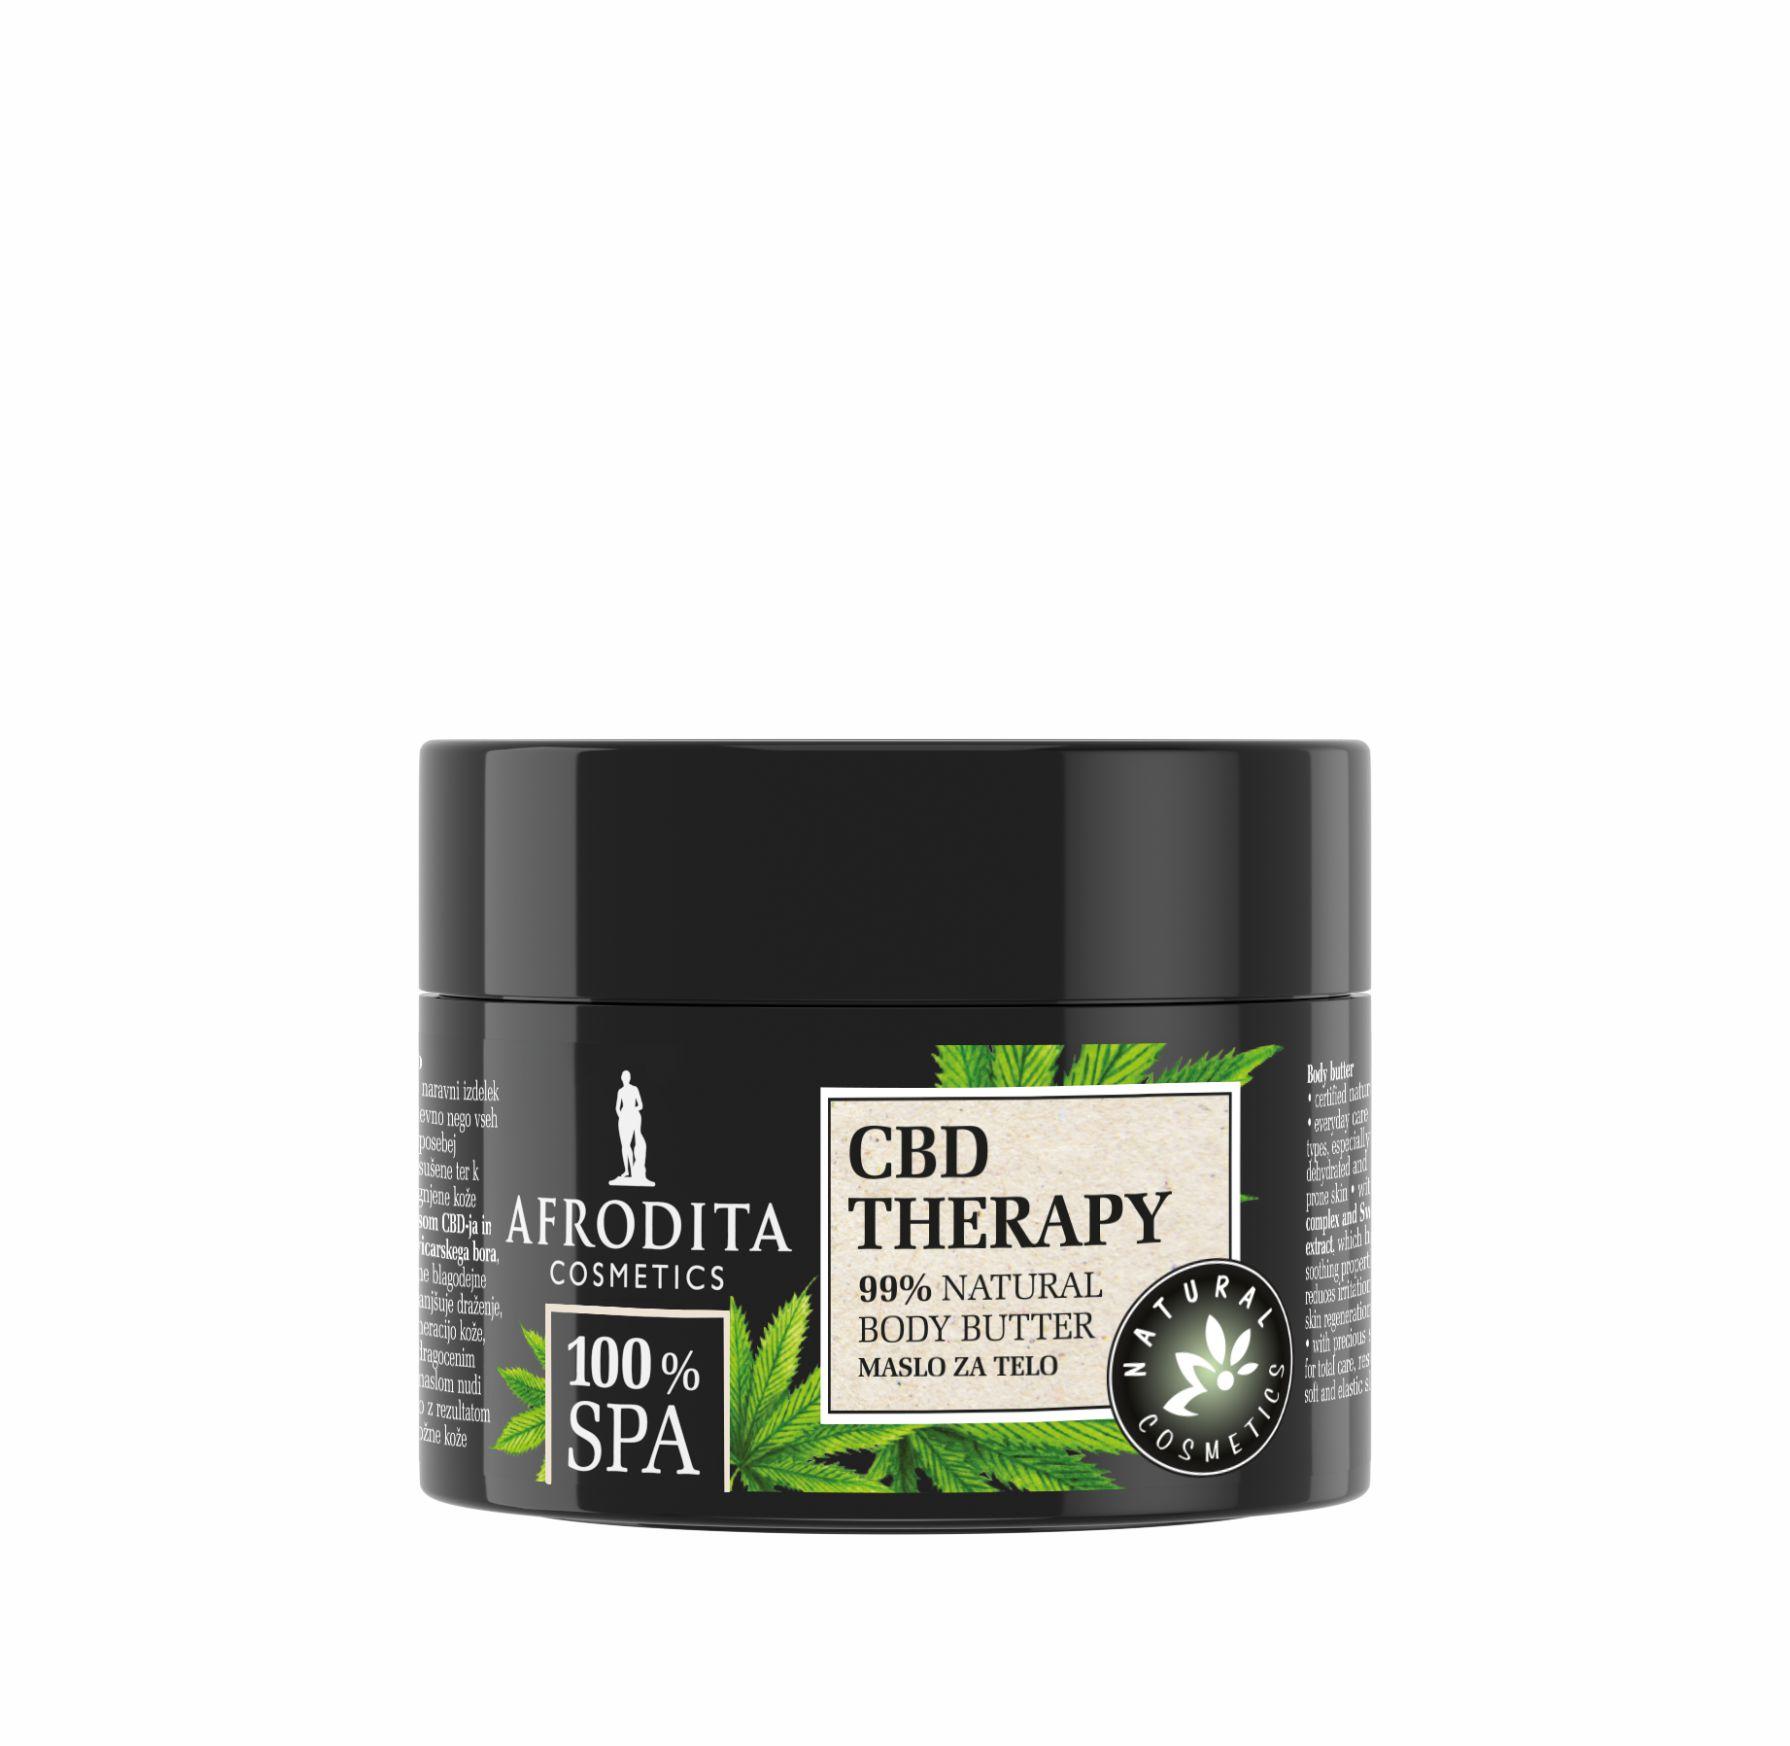 Osjetite boho vibracije uz najzeleniju liniju do sada: Afrodita 100% SPA CBD Therapy